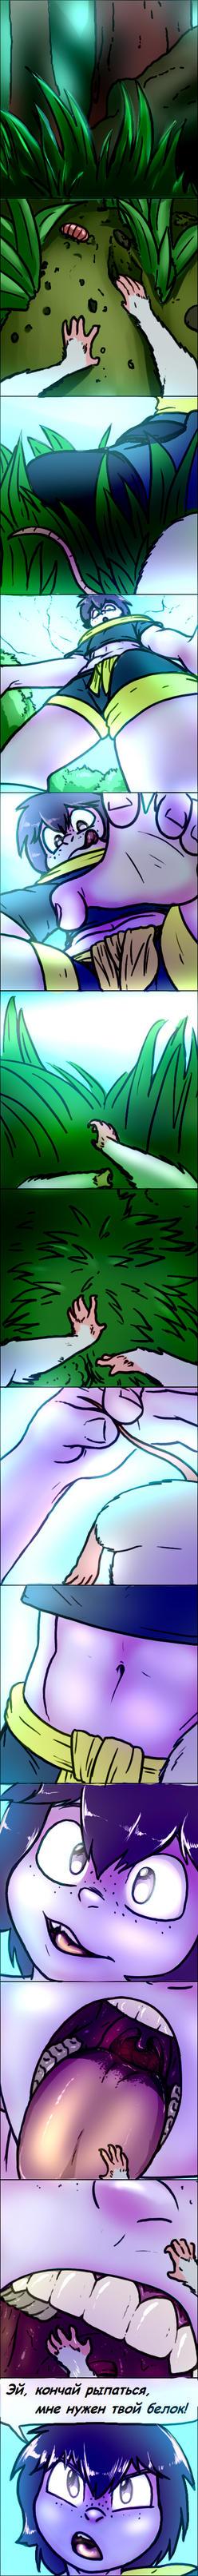 Iolite, Mouse Godzilla (FAN COLOR) p.1 by Zapor666